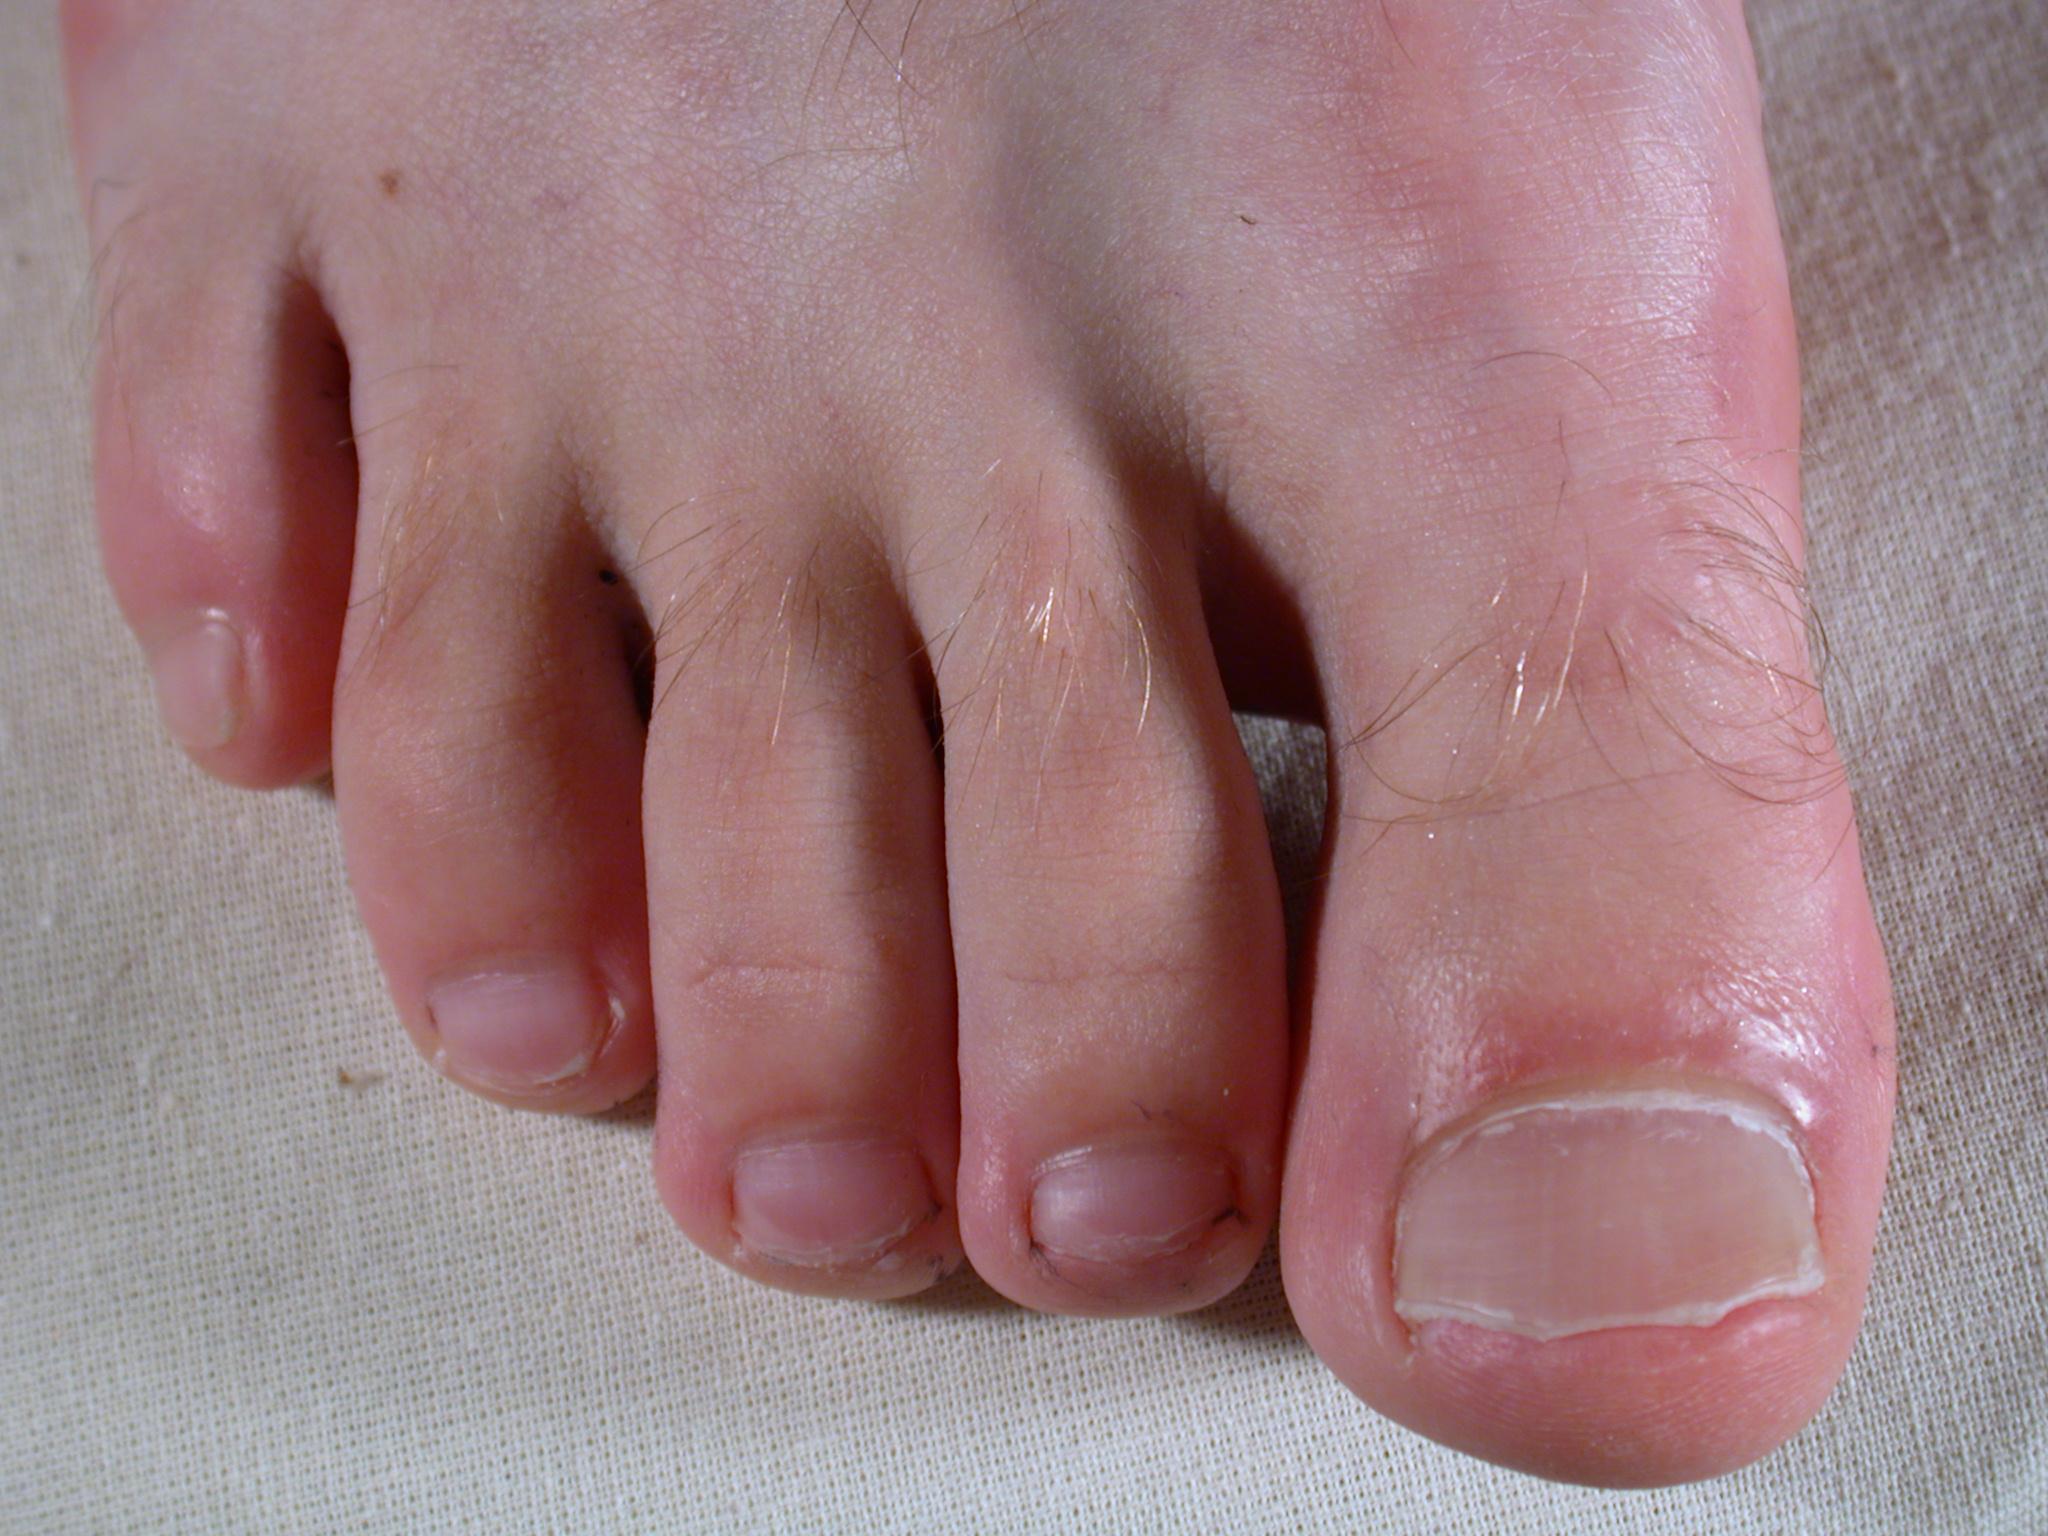 nature characters humanparts skin texture foot toe toes nail nails top male